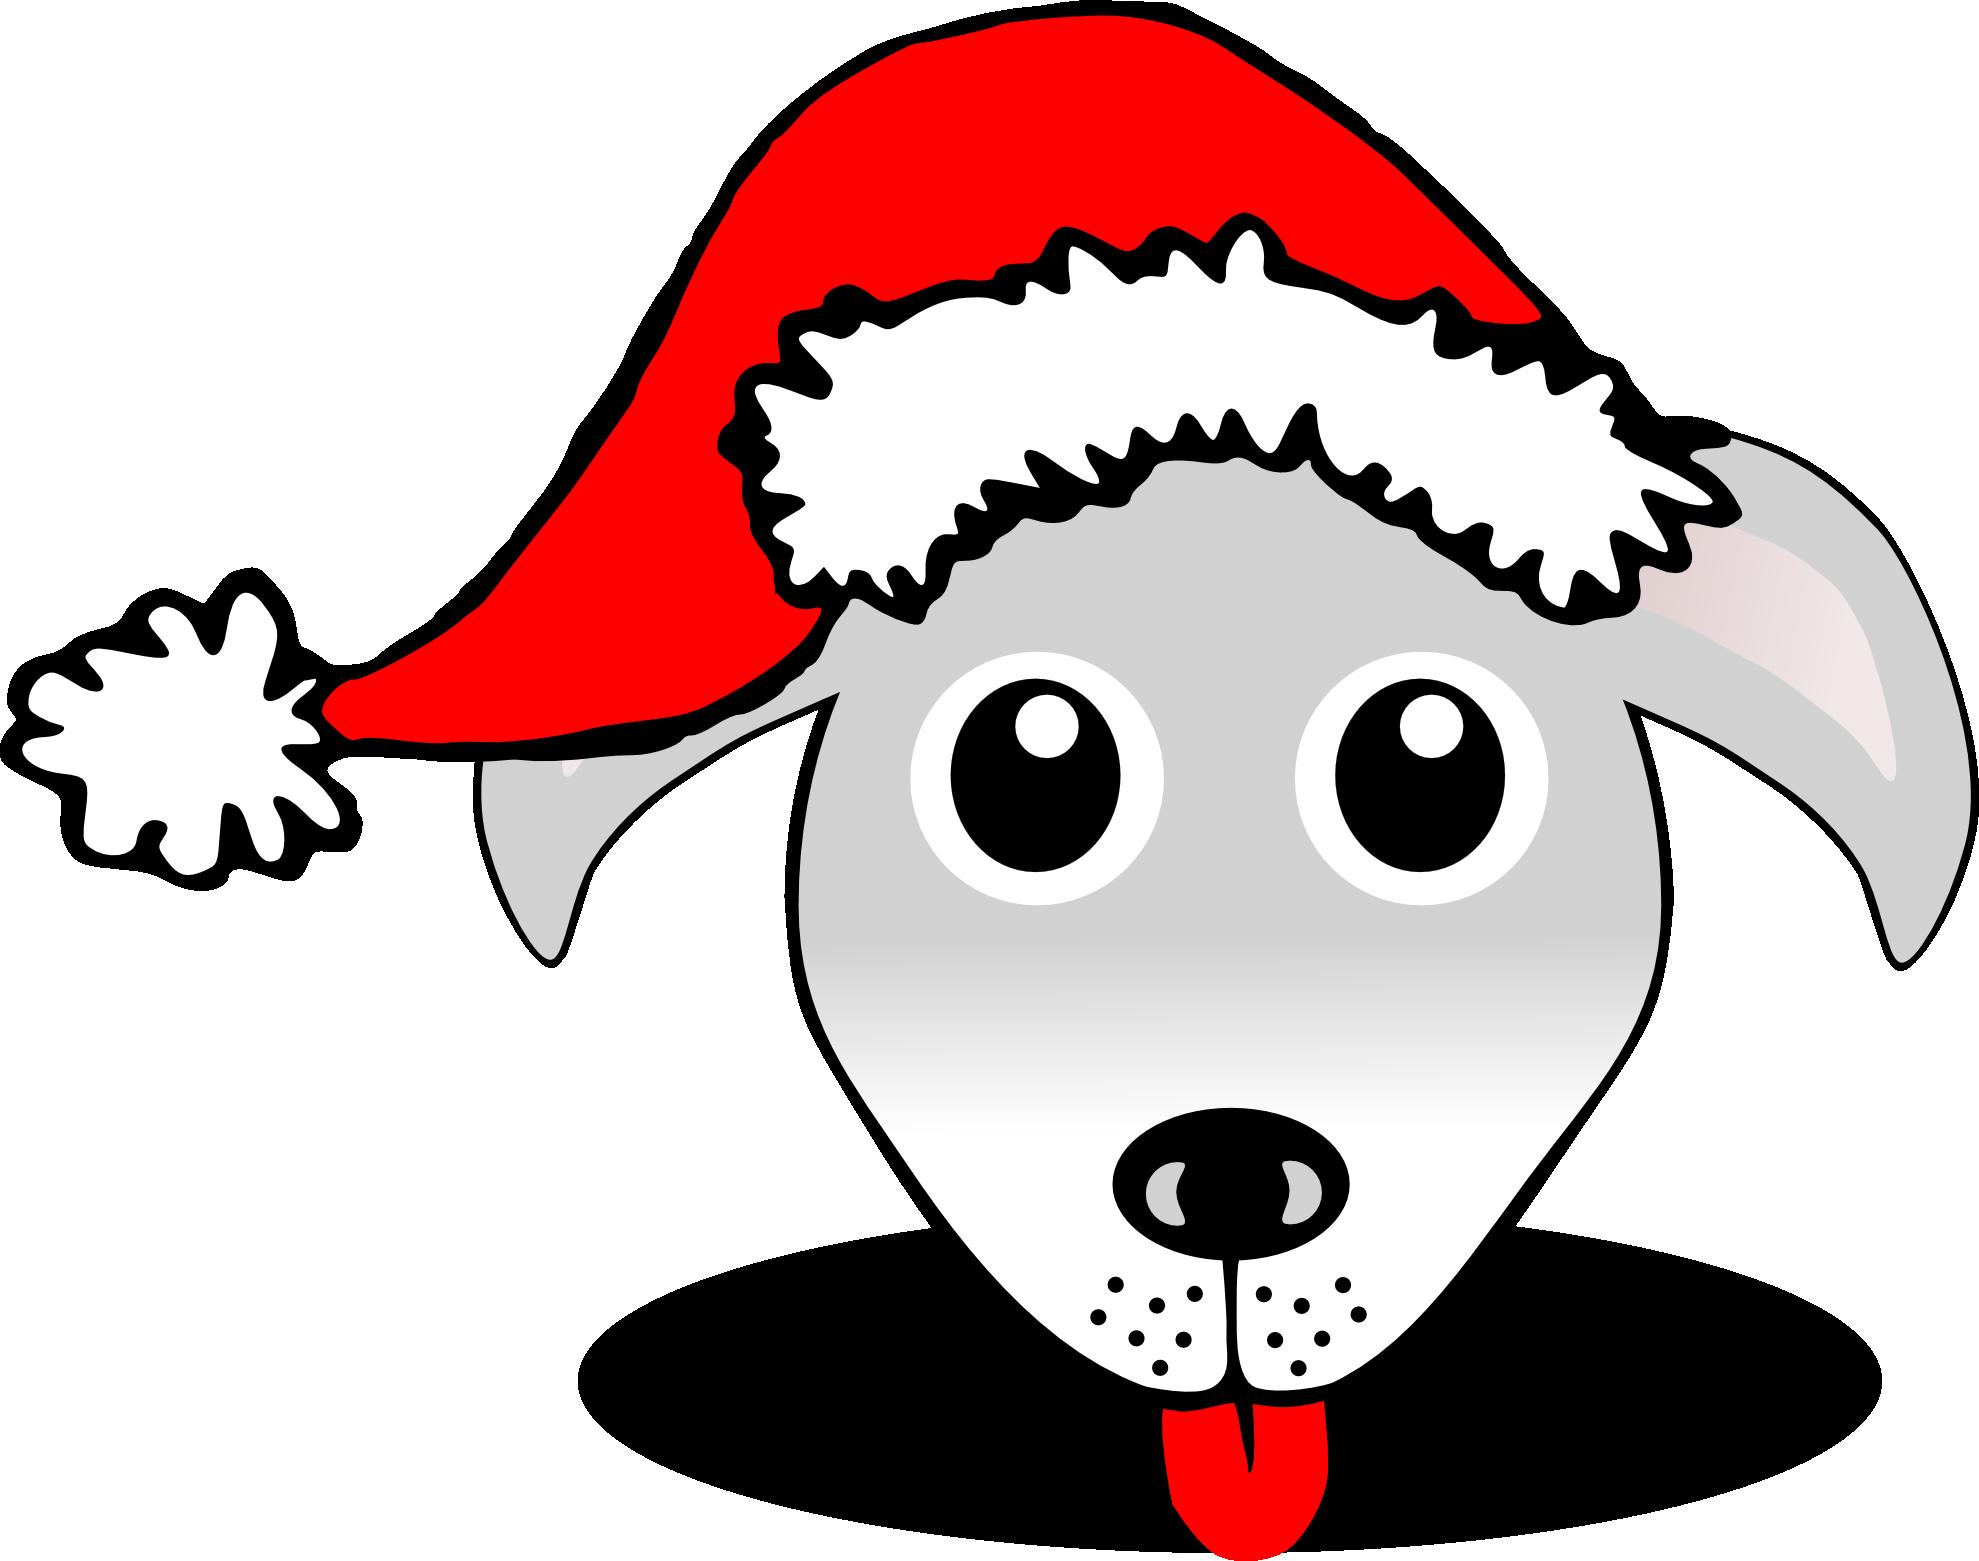 Clip Art: palomaironique dog face cartoon grey ...